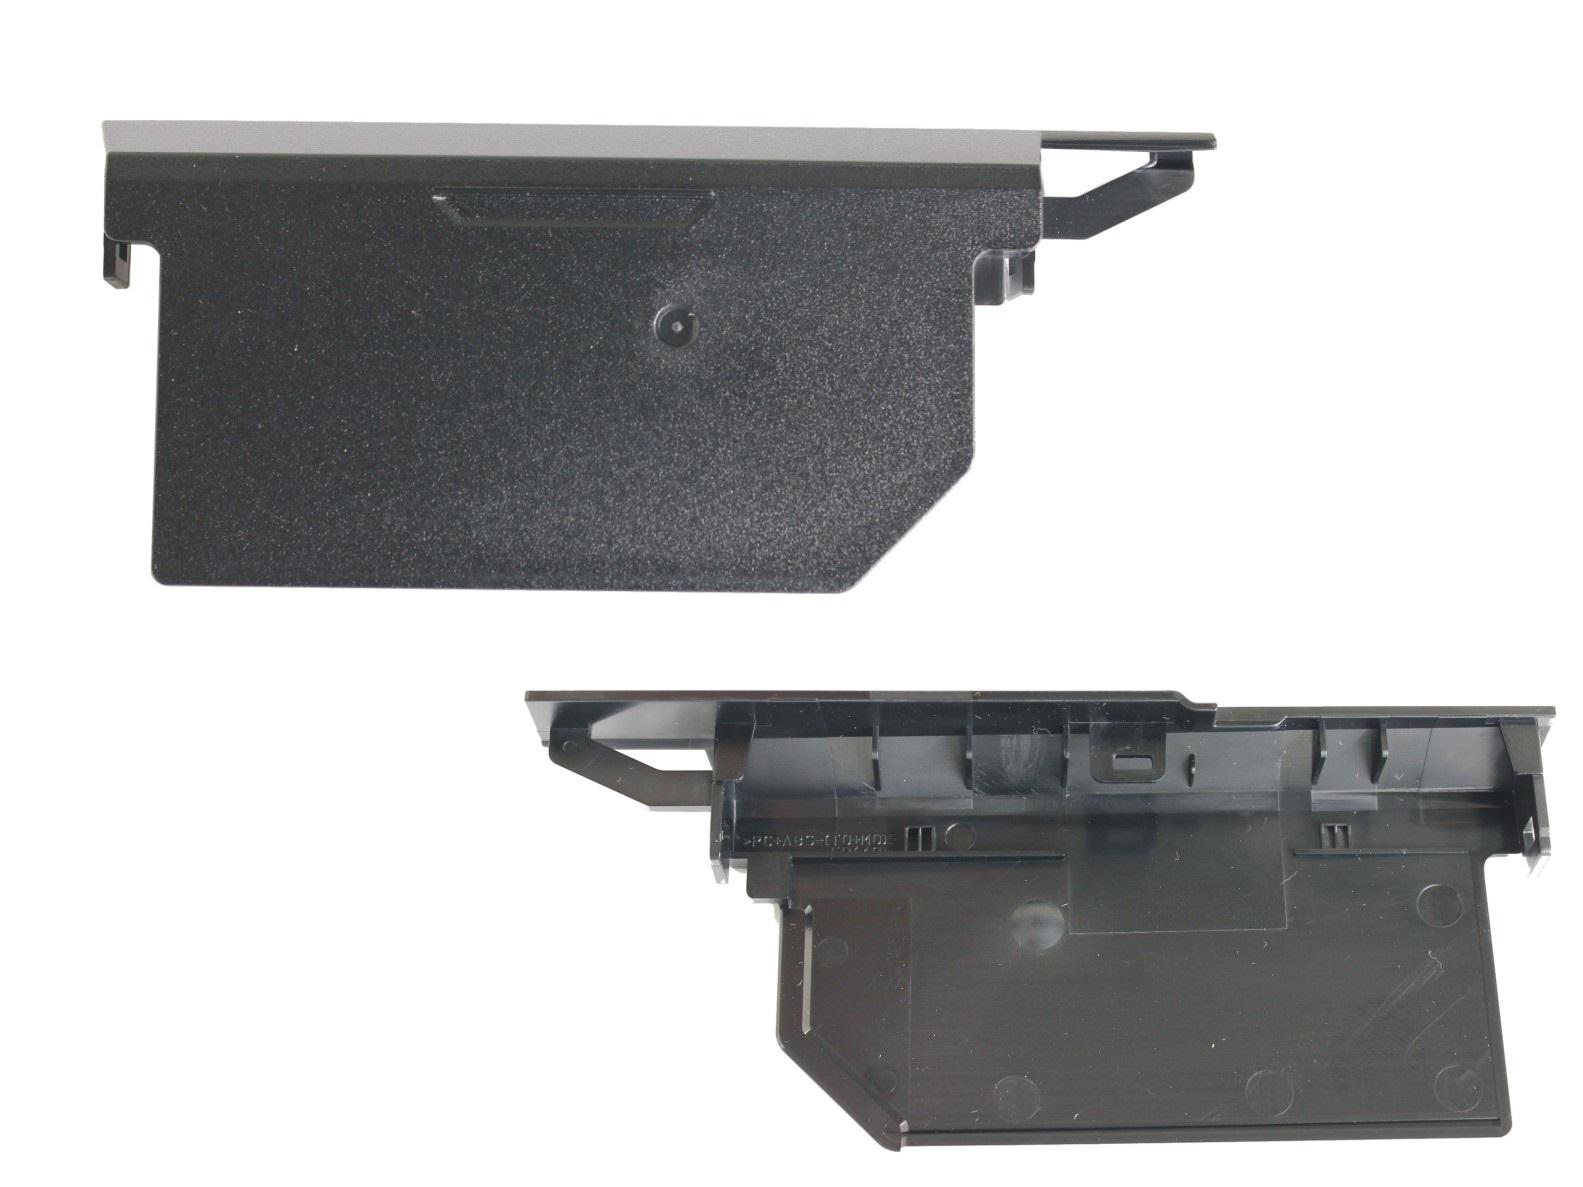 Fujitsu Blende für 2. Batterie oder 2. HDD